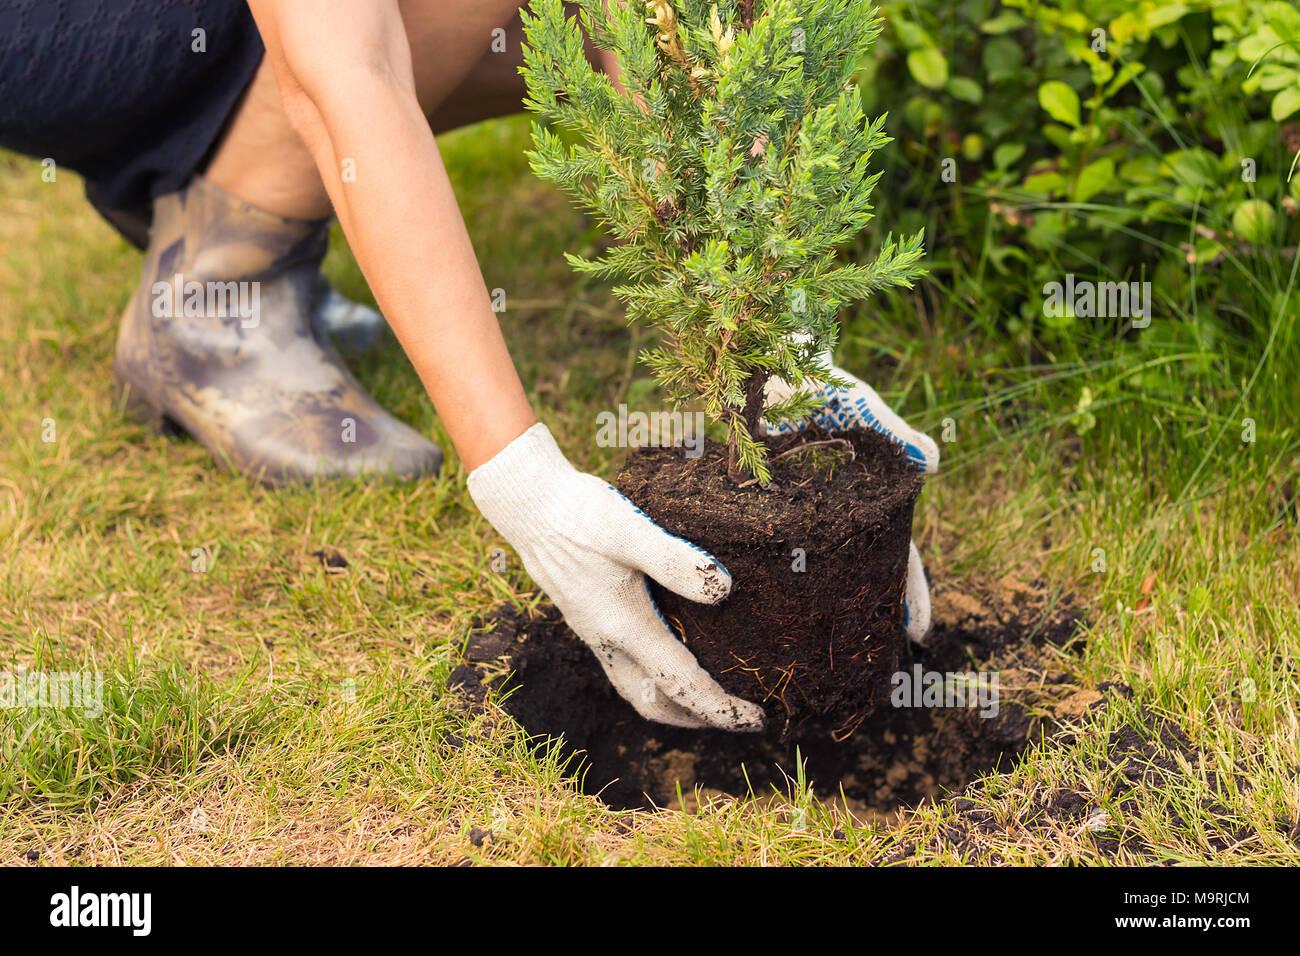 H nde einen baum pflanzen n he zu sehen stockfoto bild for Raum pflanzen